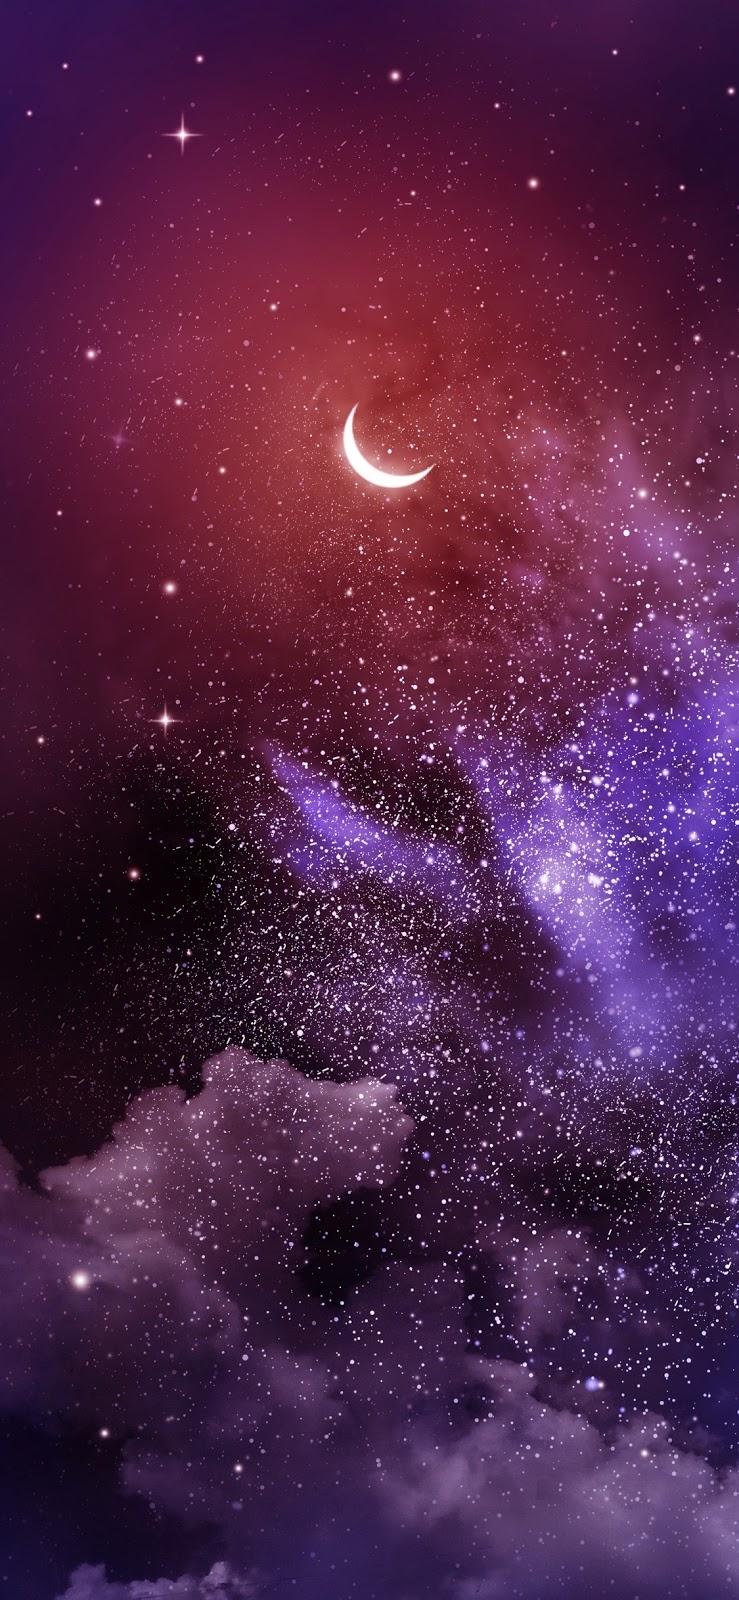 In the night (iPhone X)